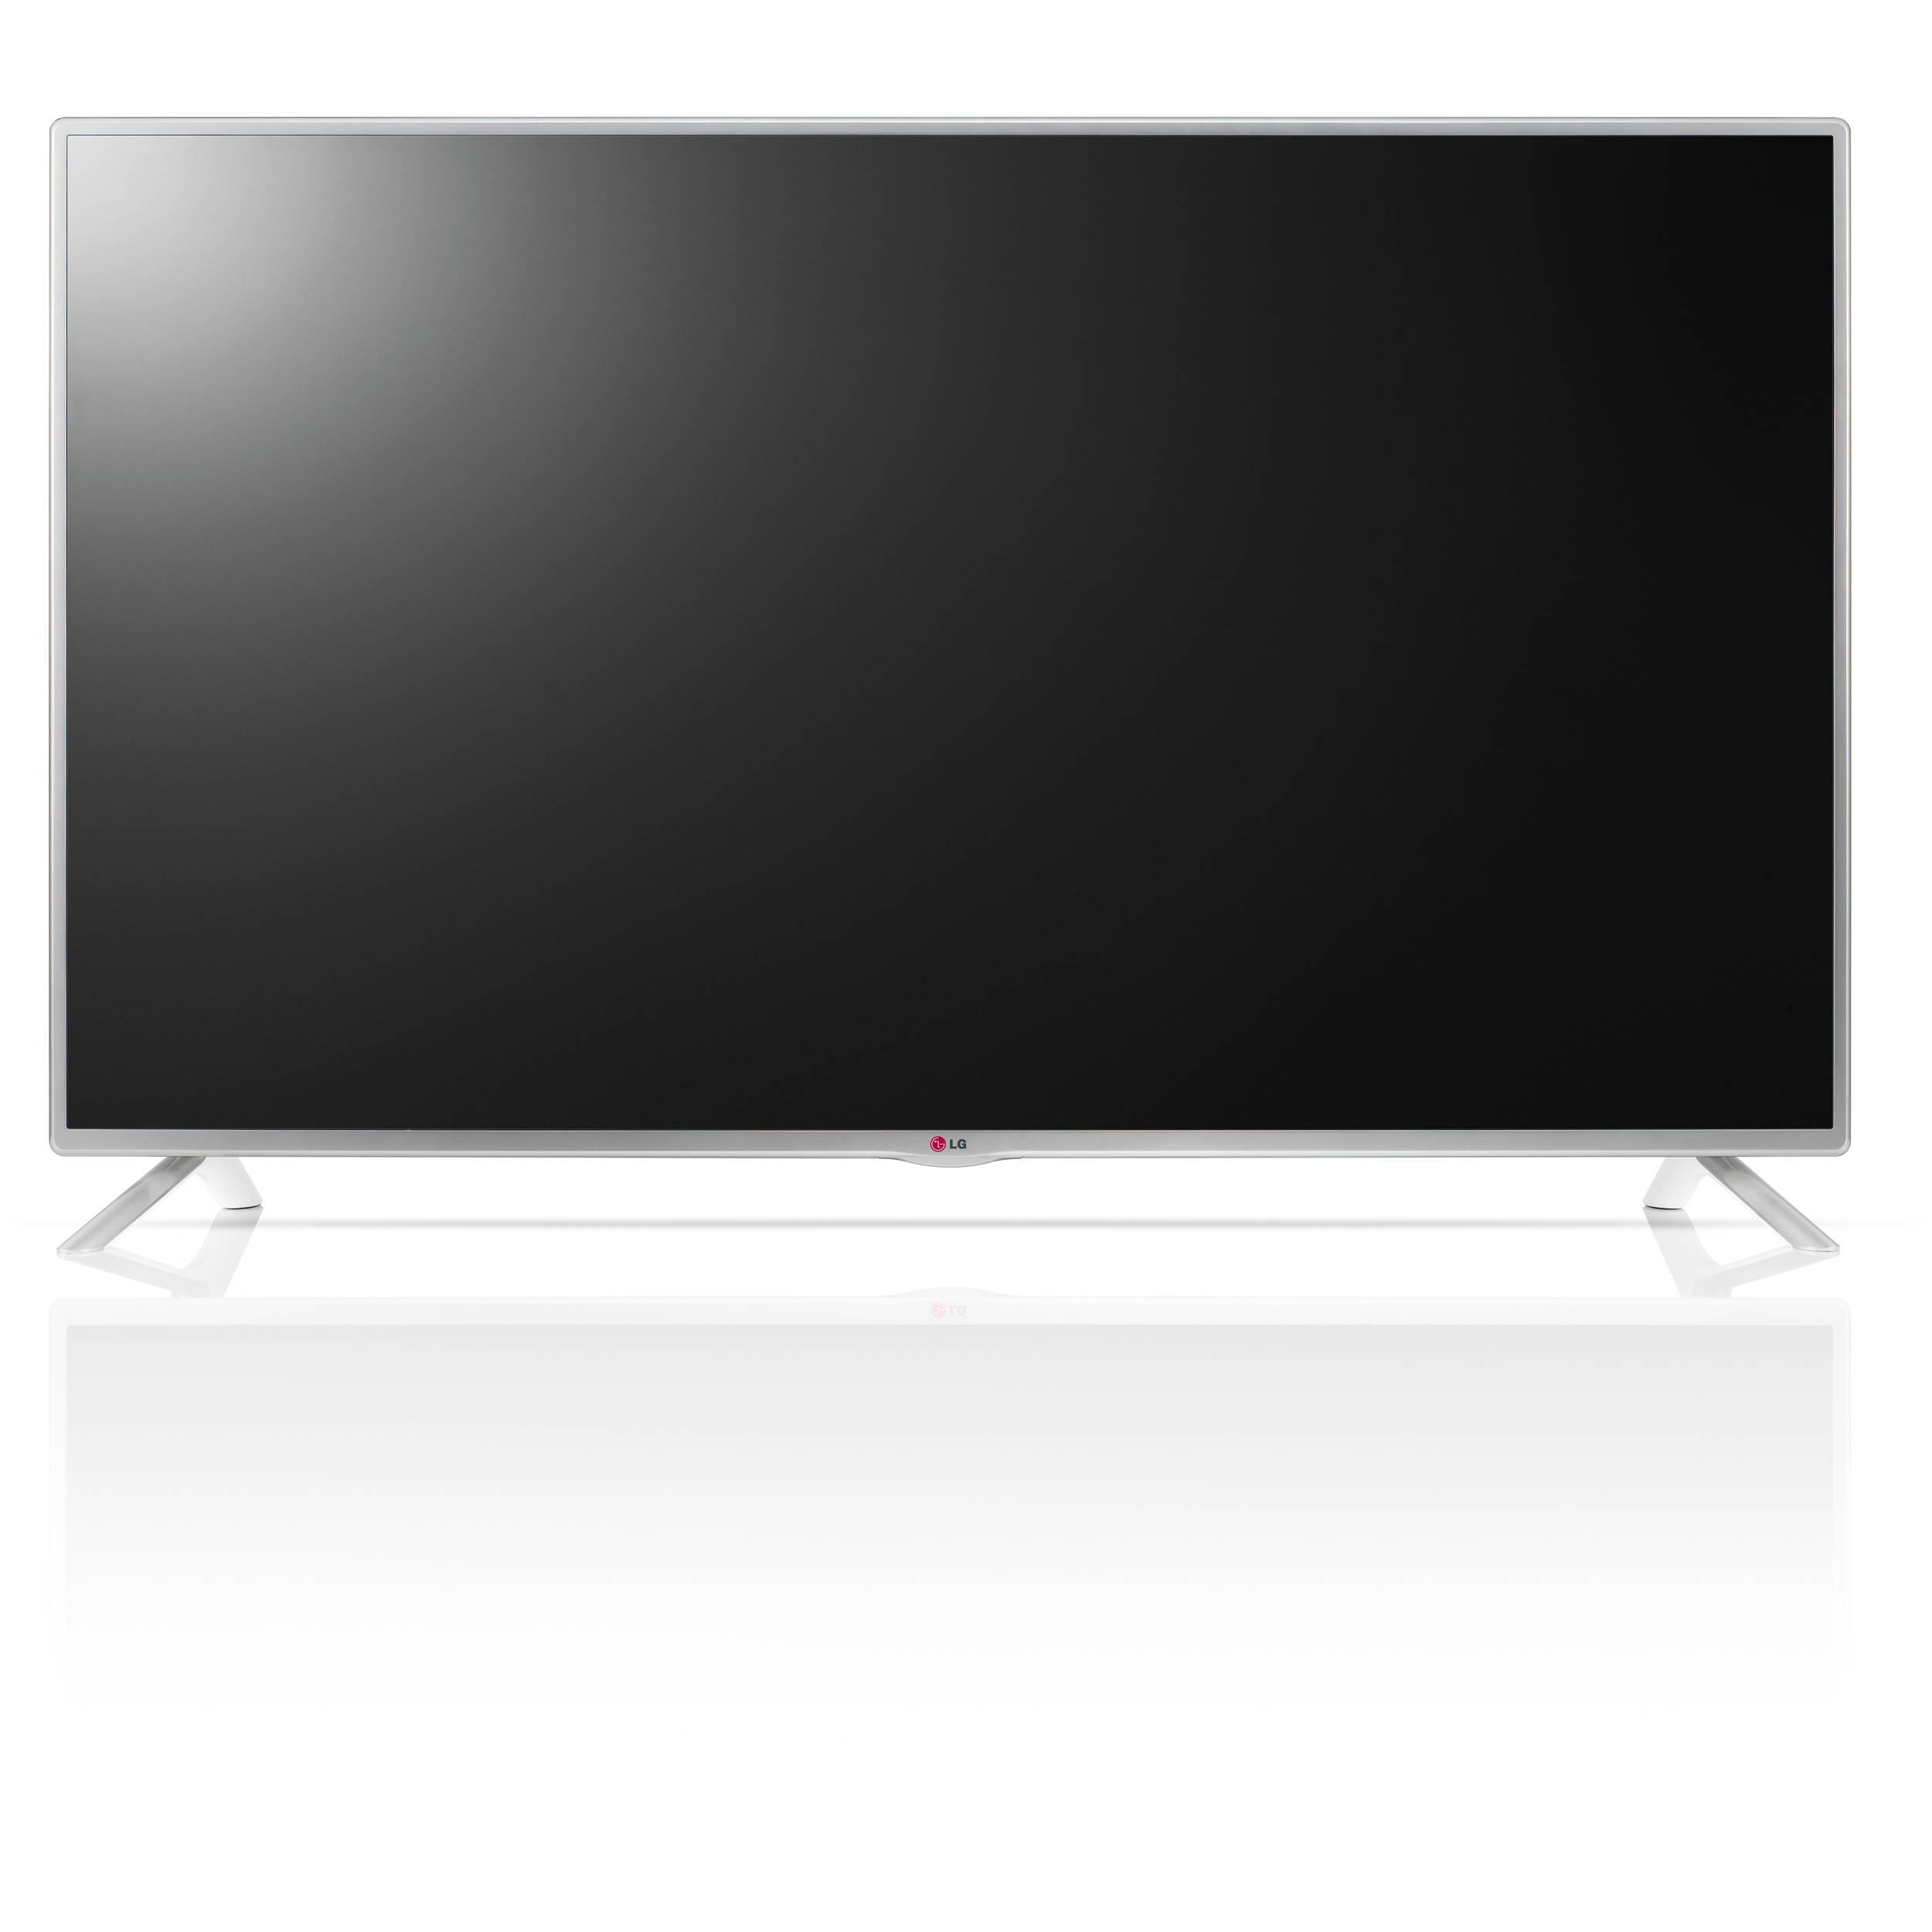 lg tv 1080p. lg lb5800 series 32\ lg tv 1080p